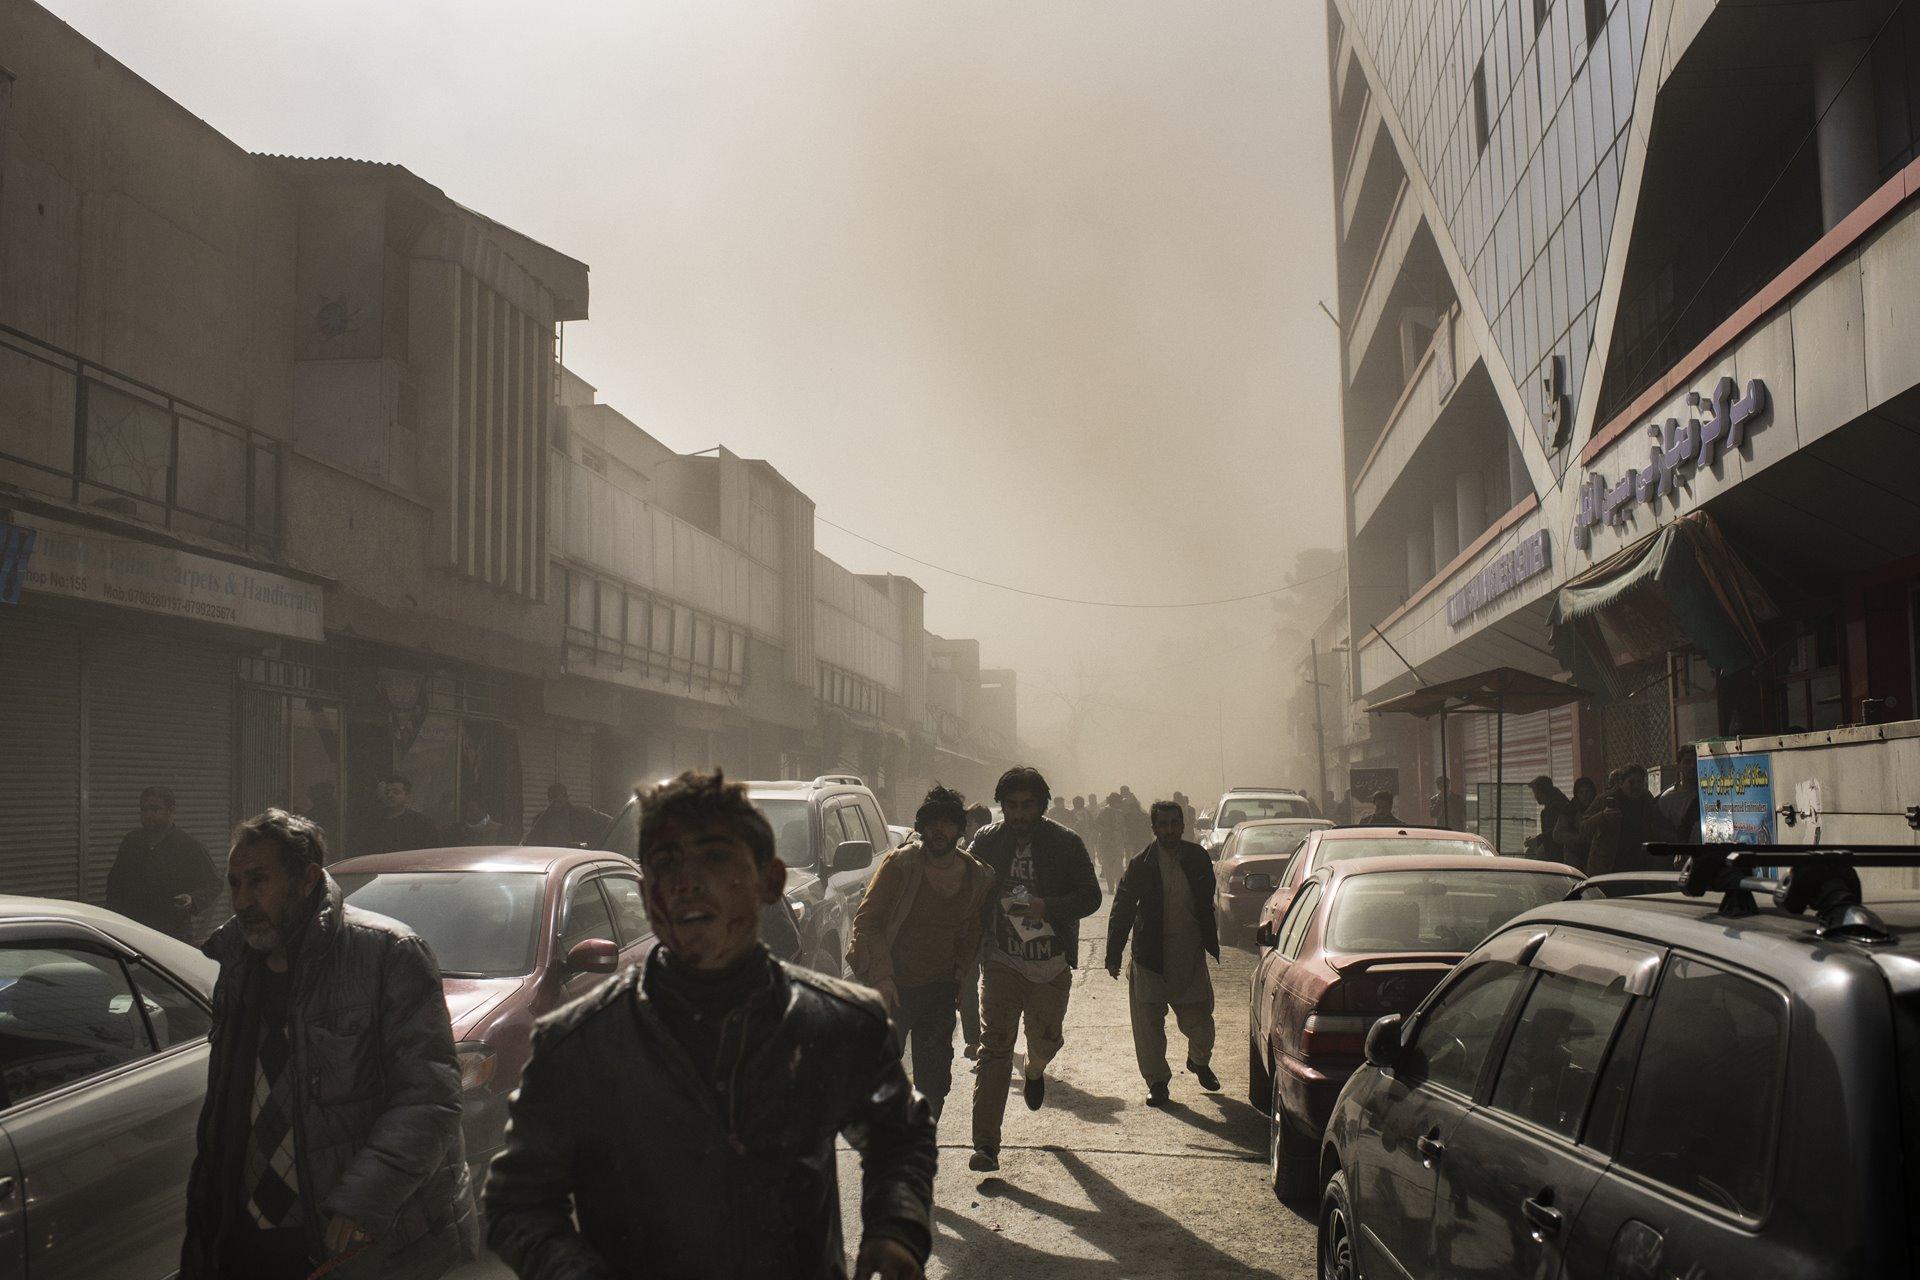 Una ambulancia llena de explosivos mató a 103 personas e hirió a 235 en Kabul, Afganistán, el 27 de enero / Foto: Andrew Quilty (Agence Vu)